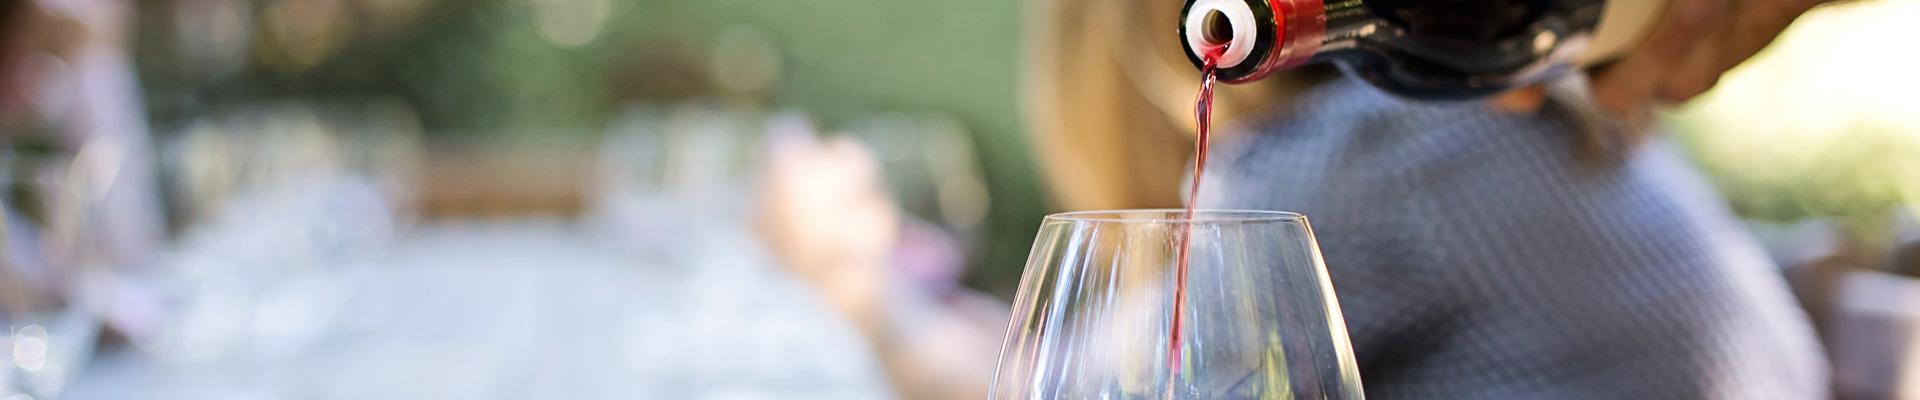 Wein einschenken - Schmidatal - Weinviertel